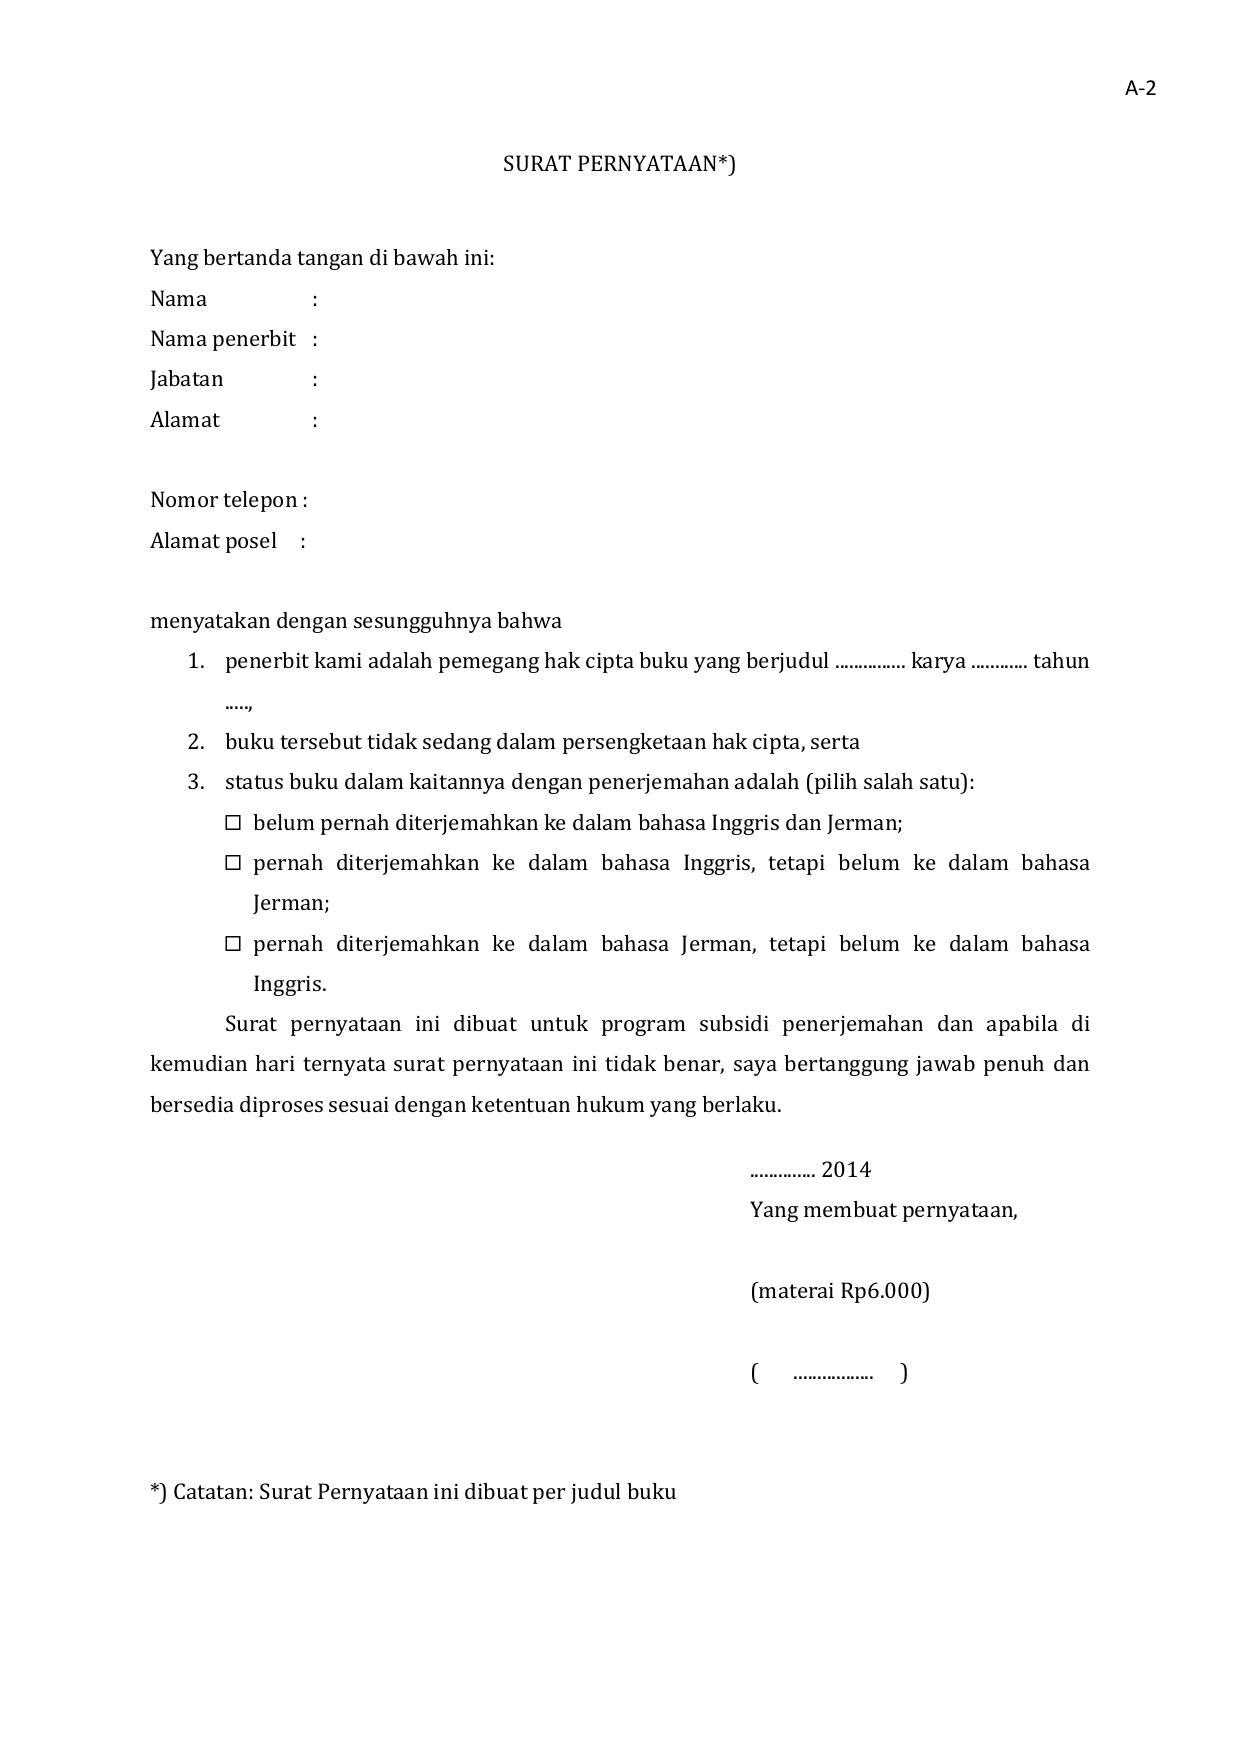 Surat Pernyataan Dalam Bahasa Inggris : surat, pernyataan, dalam, bahasa, inggris, Surat, Pernyataan, Pengajuan, Subsidi